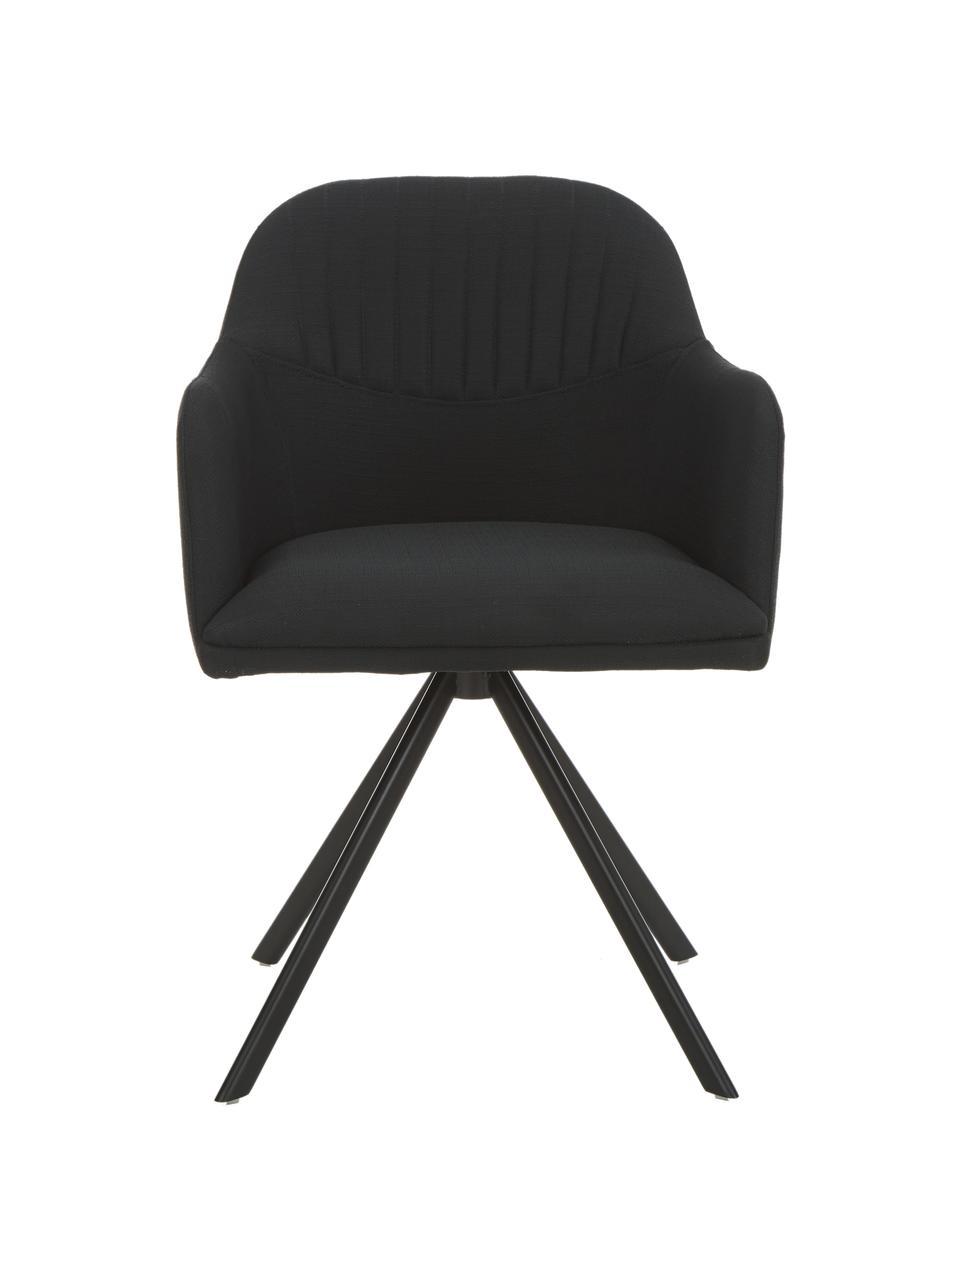 Čalouněná otočná židle spodručkami Lola, Černá Nohy: černá